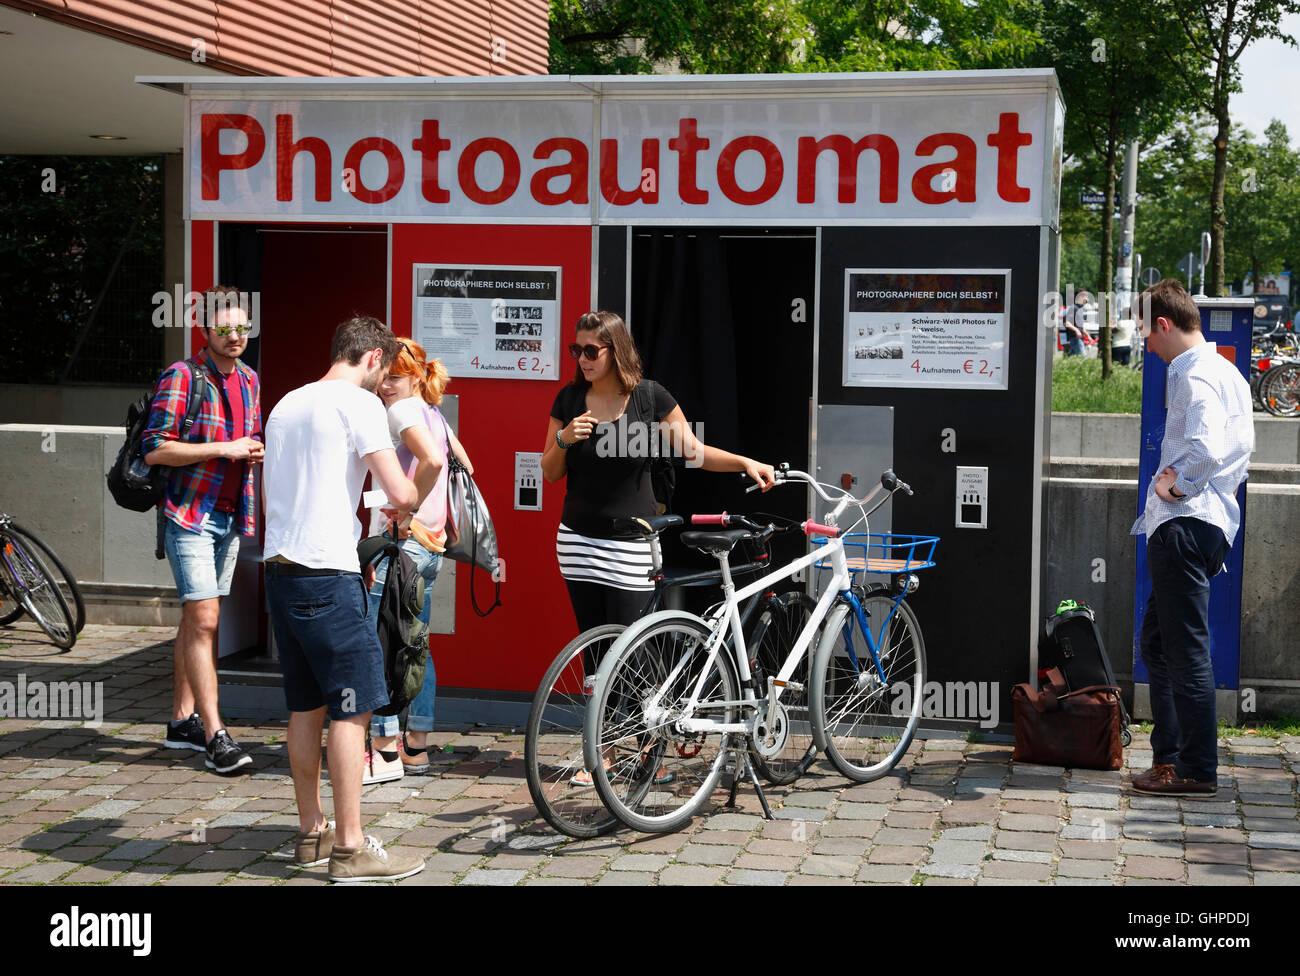 Karolinenviertel, photobooth, Hamburg, Germany, Europe - Stock Image